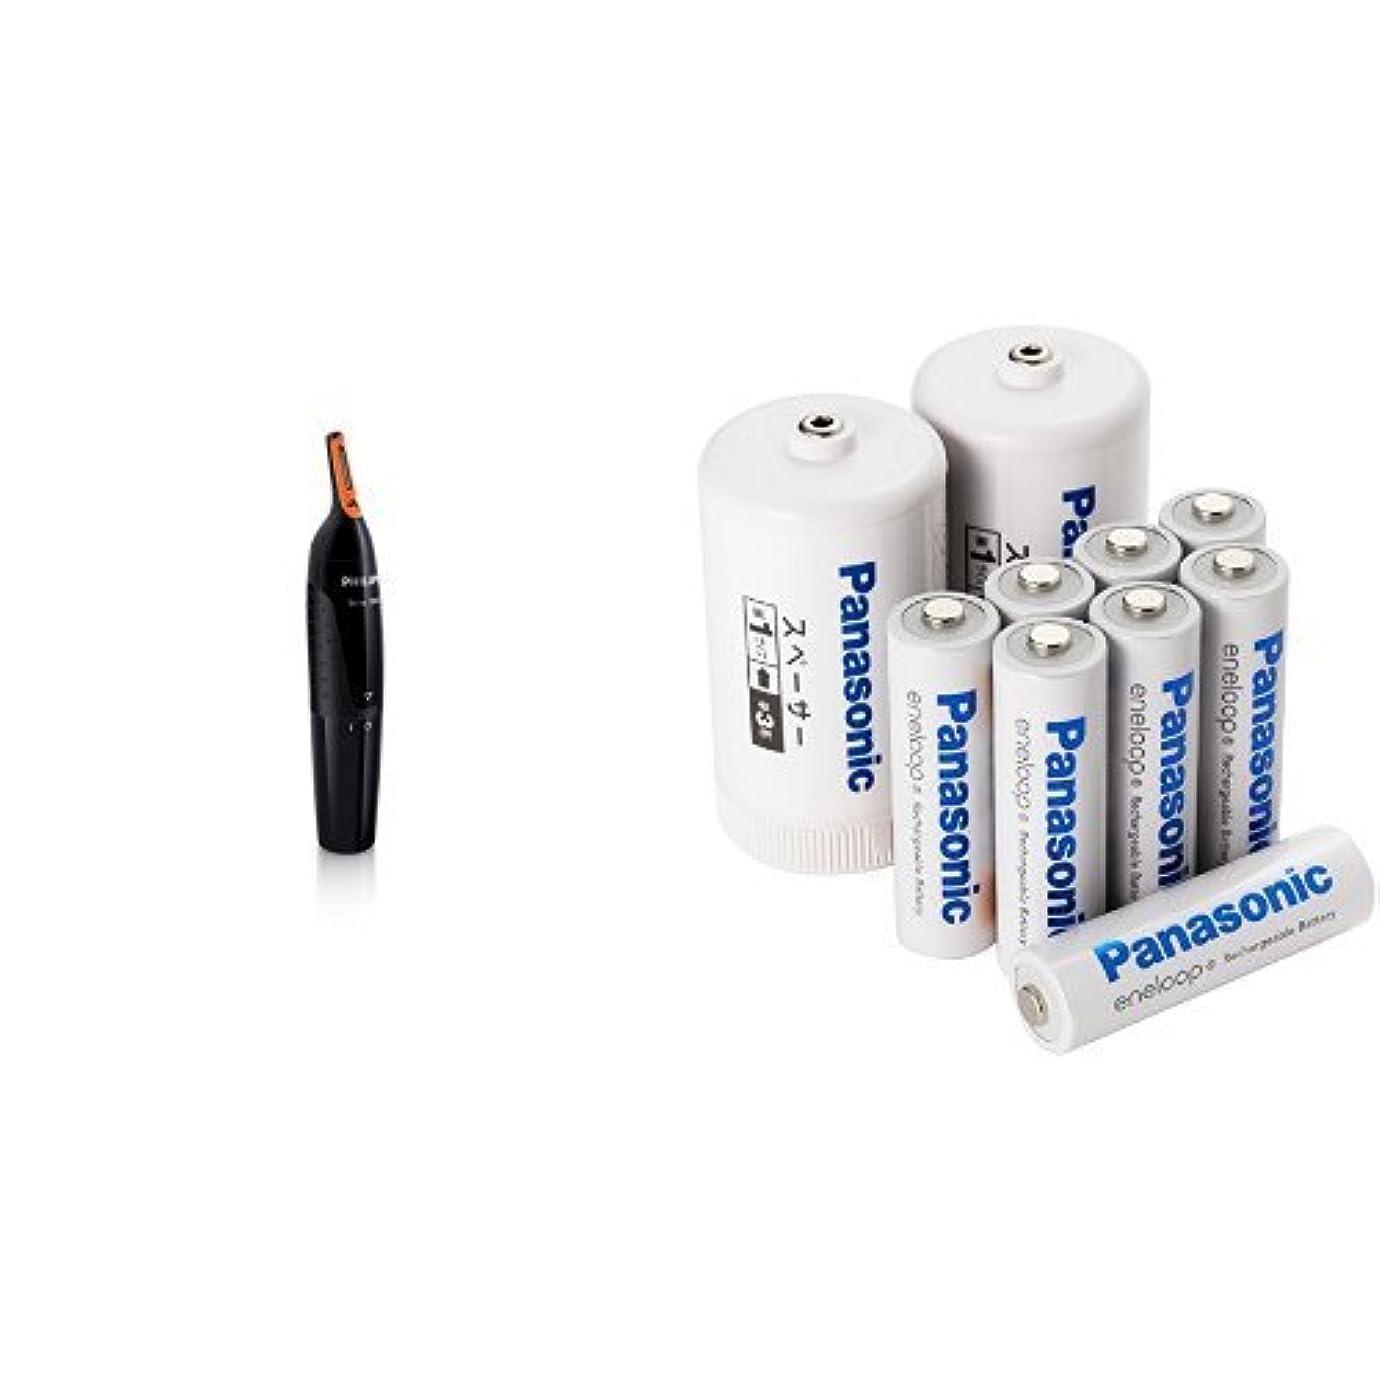 保証するウィザード金銭的なフィリップス 鼻毛/耳毛カッター 本体丸洗い可 NT1152/10 + eneloop 単3形充電池 8本パック BK-3MCC/8FA セット